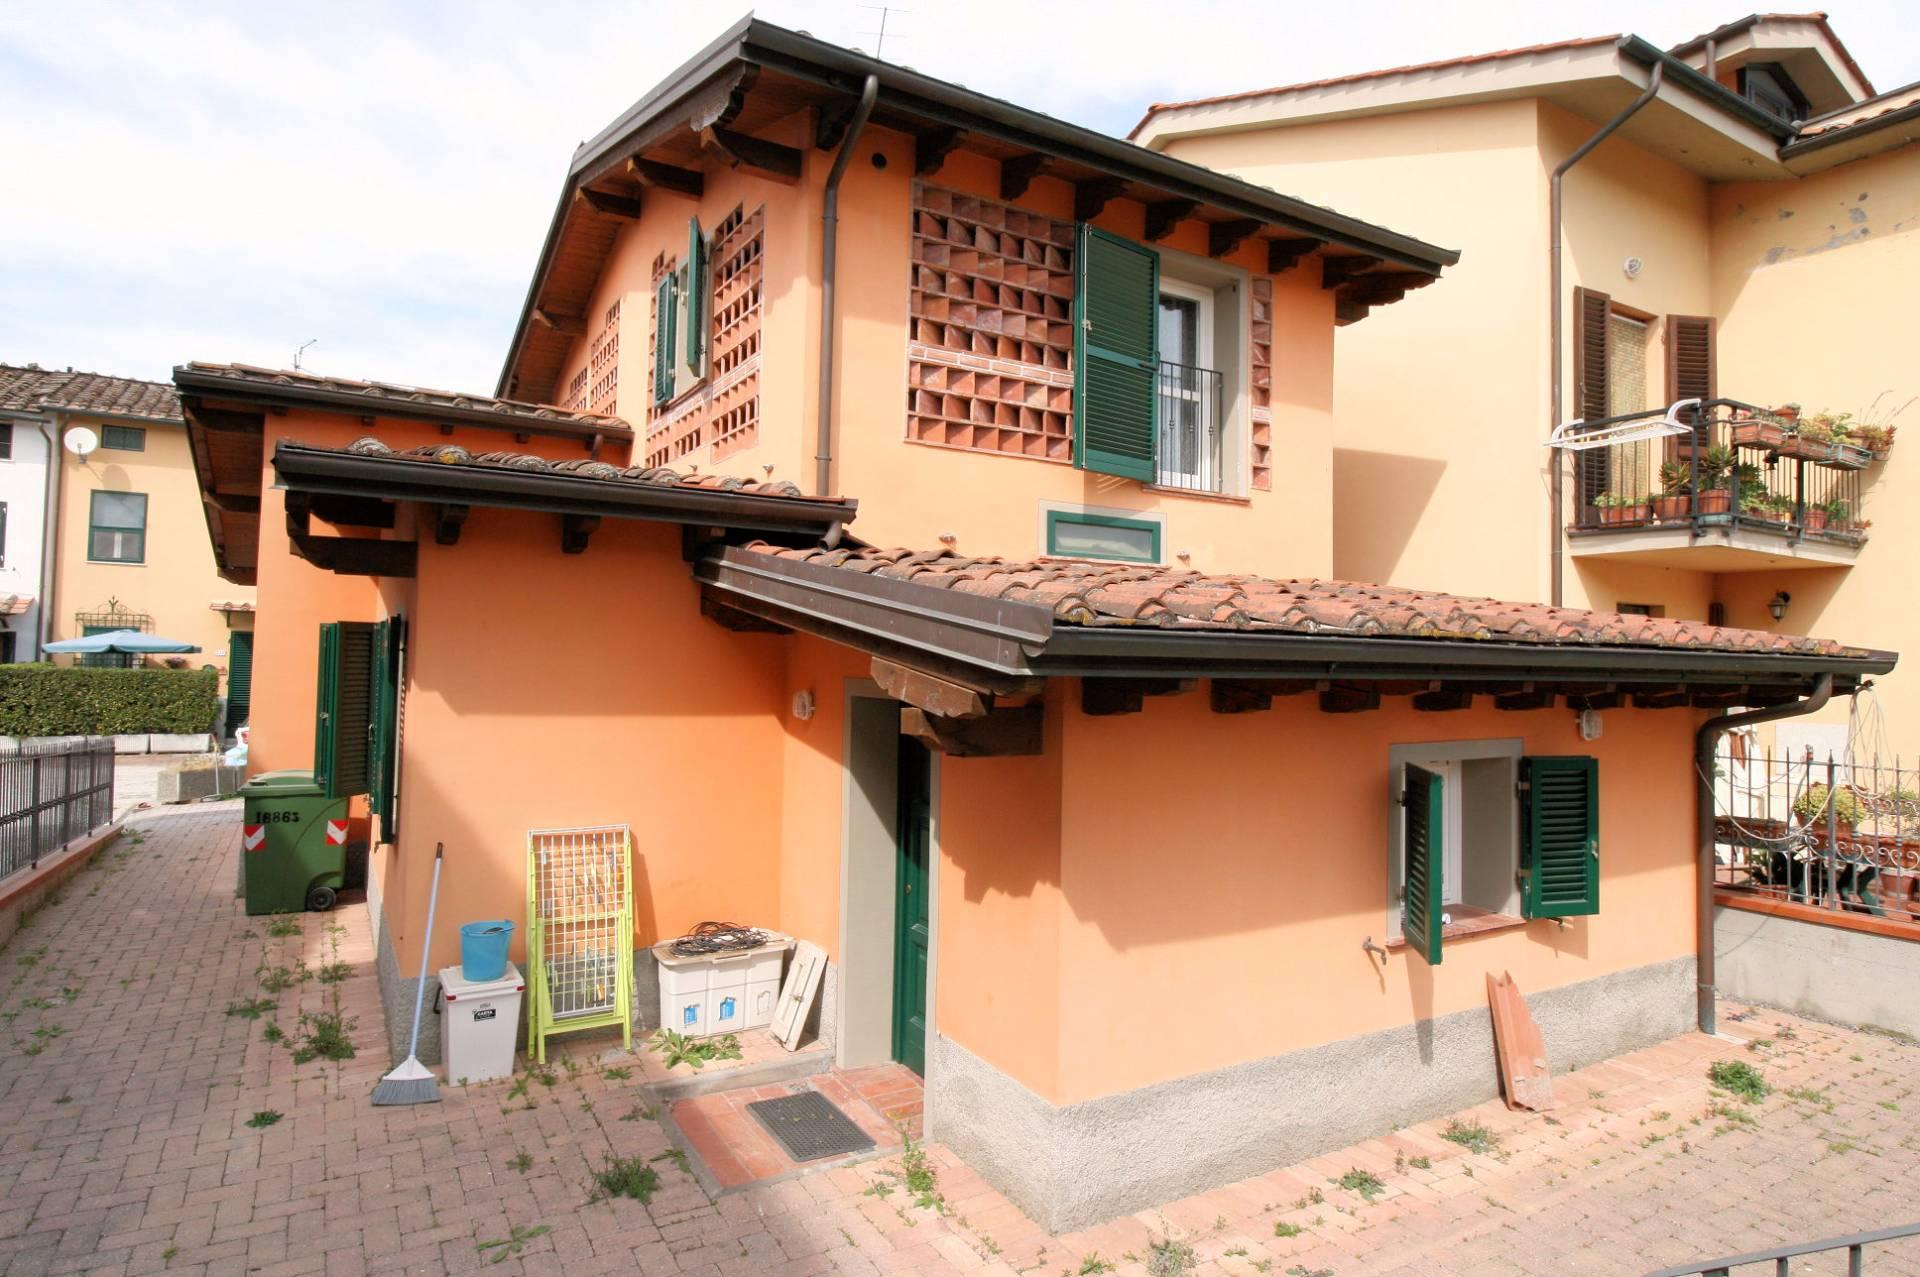 Villa in vendita a Lucca, 6 locali, zona Località: SanFilippo, prezzo € 270.000 | Cambio Casa.it